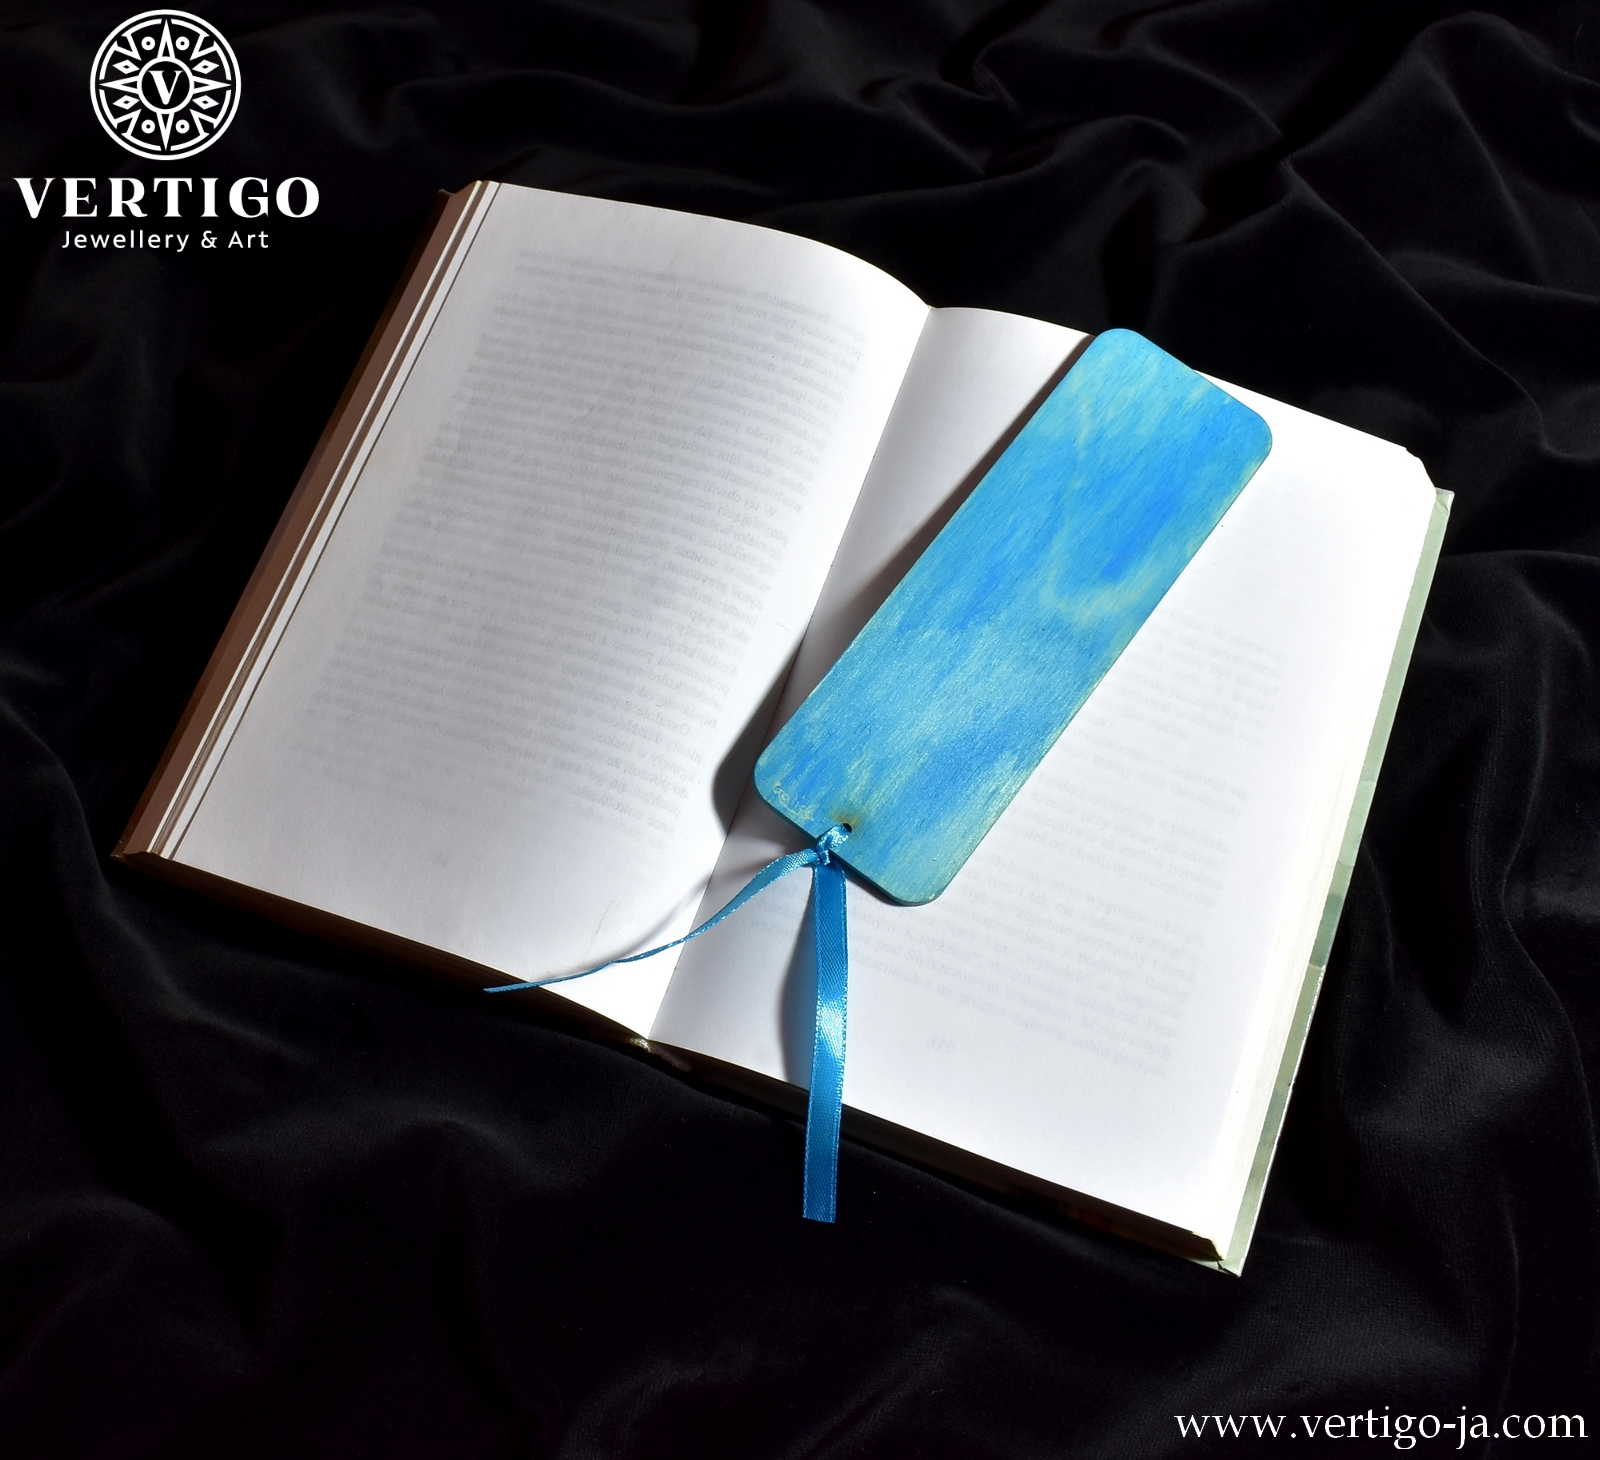 Niebieski tył drewnianej zakładki do książki z biało-czerwoną różą. Niebieska wstążka